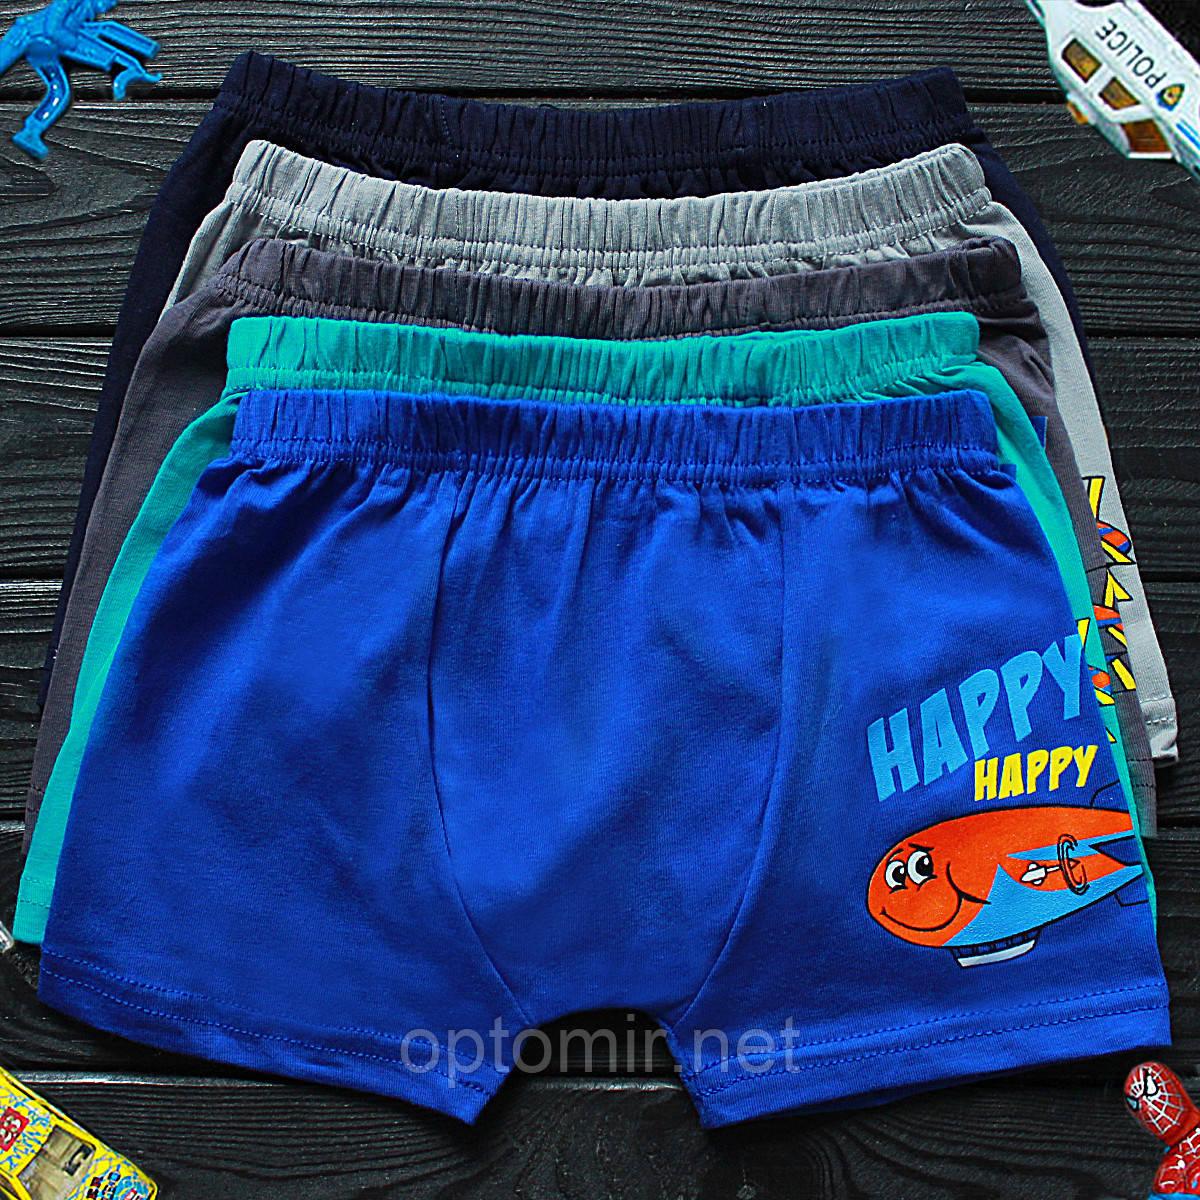 Детские трусы боксеры для мальчика Nicoletta (возраст: 5-6) 30556   5 шт.